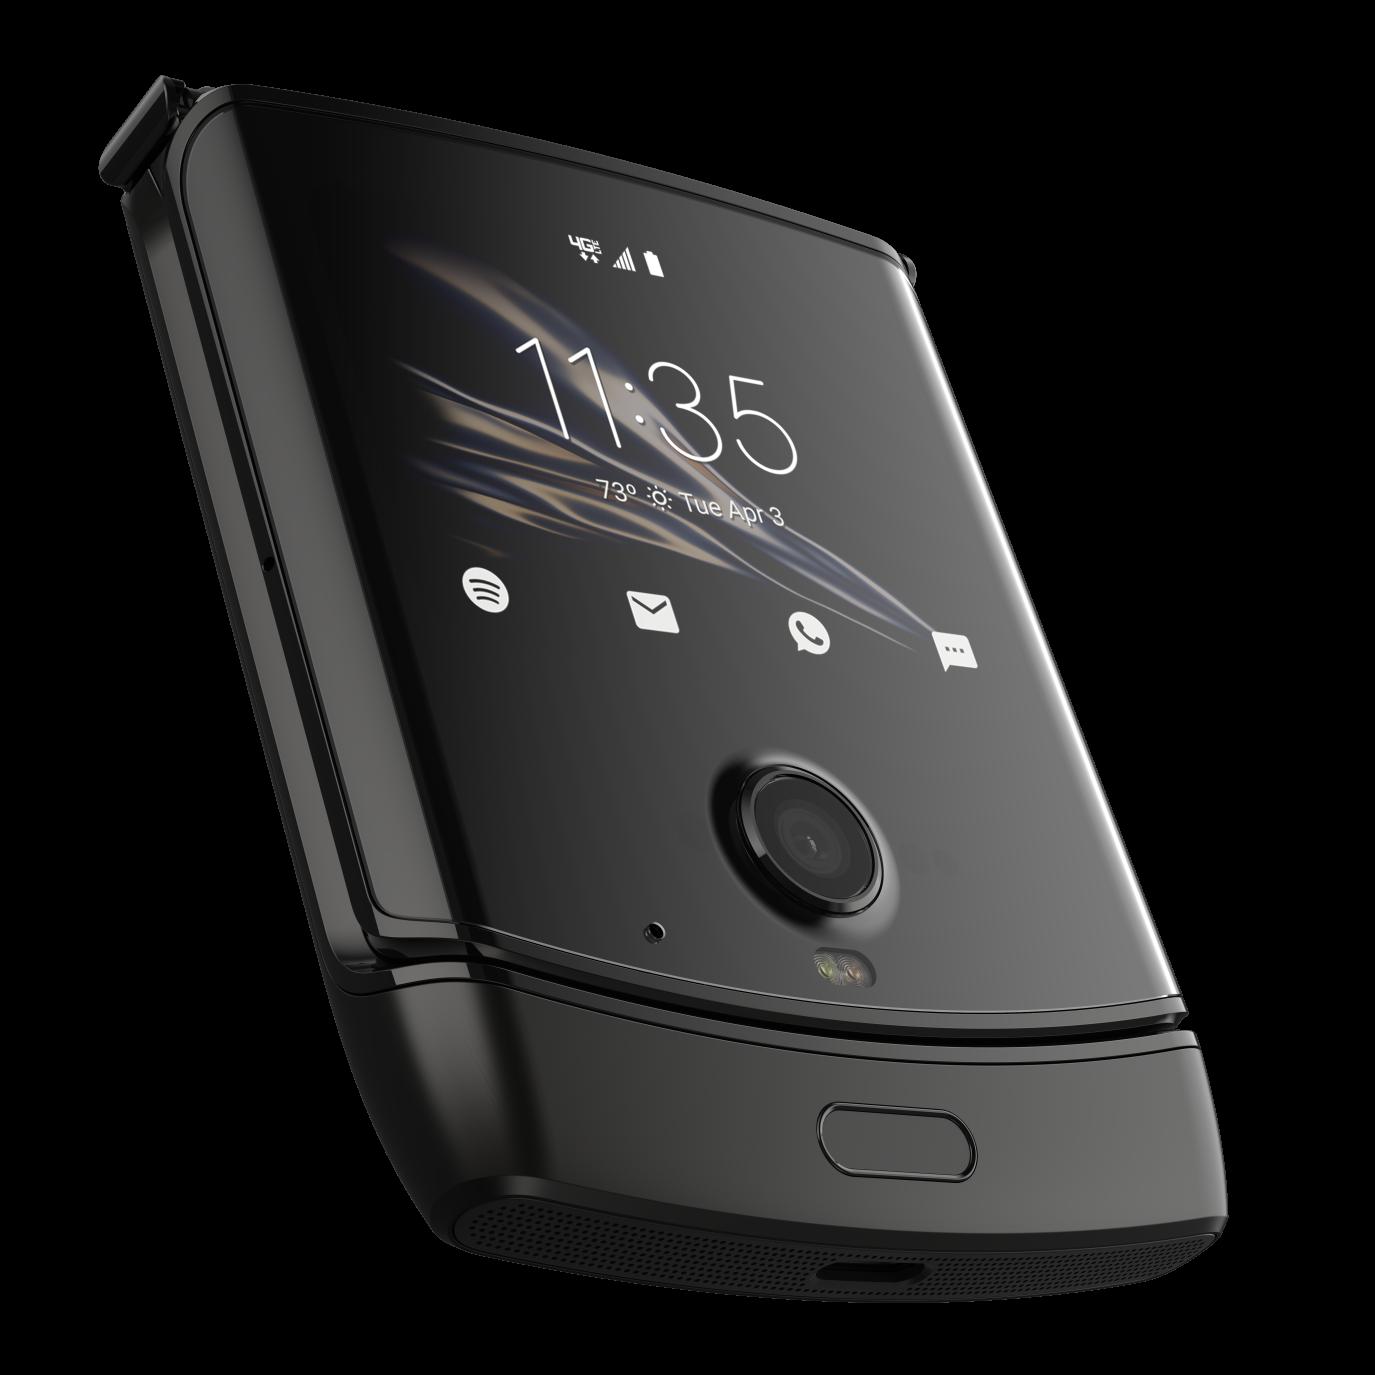 Best Motorola Phone 2020.Motorola Brings Back The Razr Flip Phone In 2020